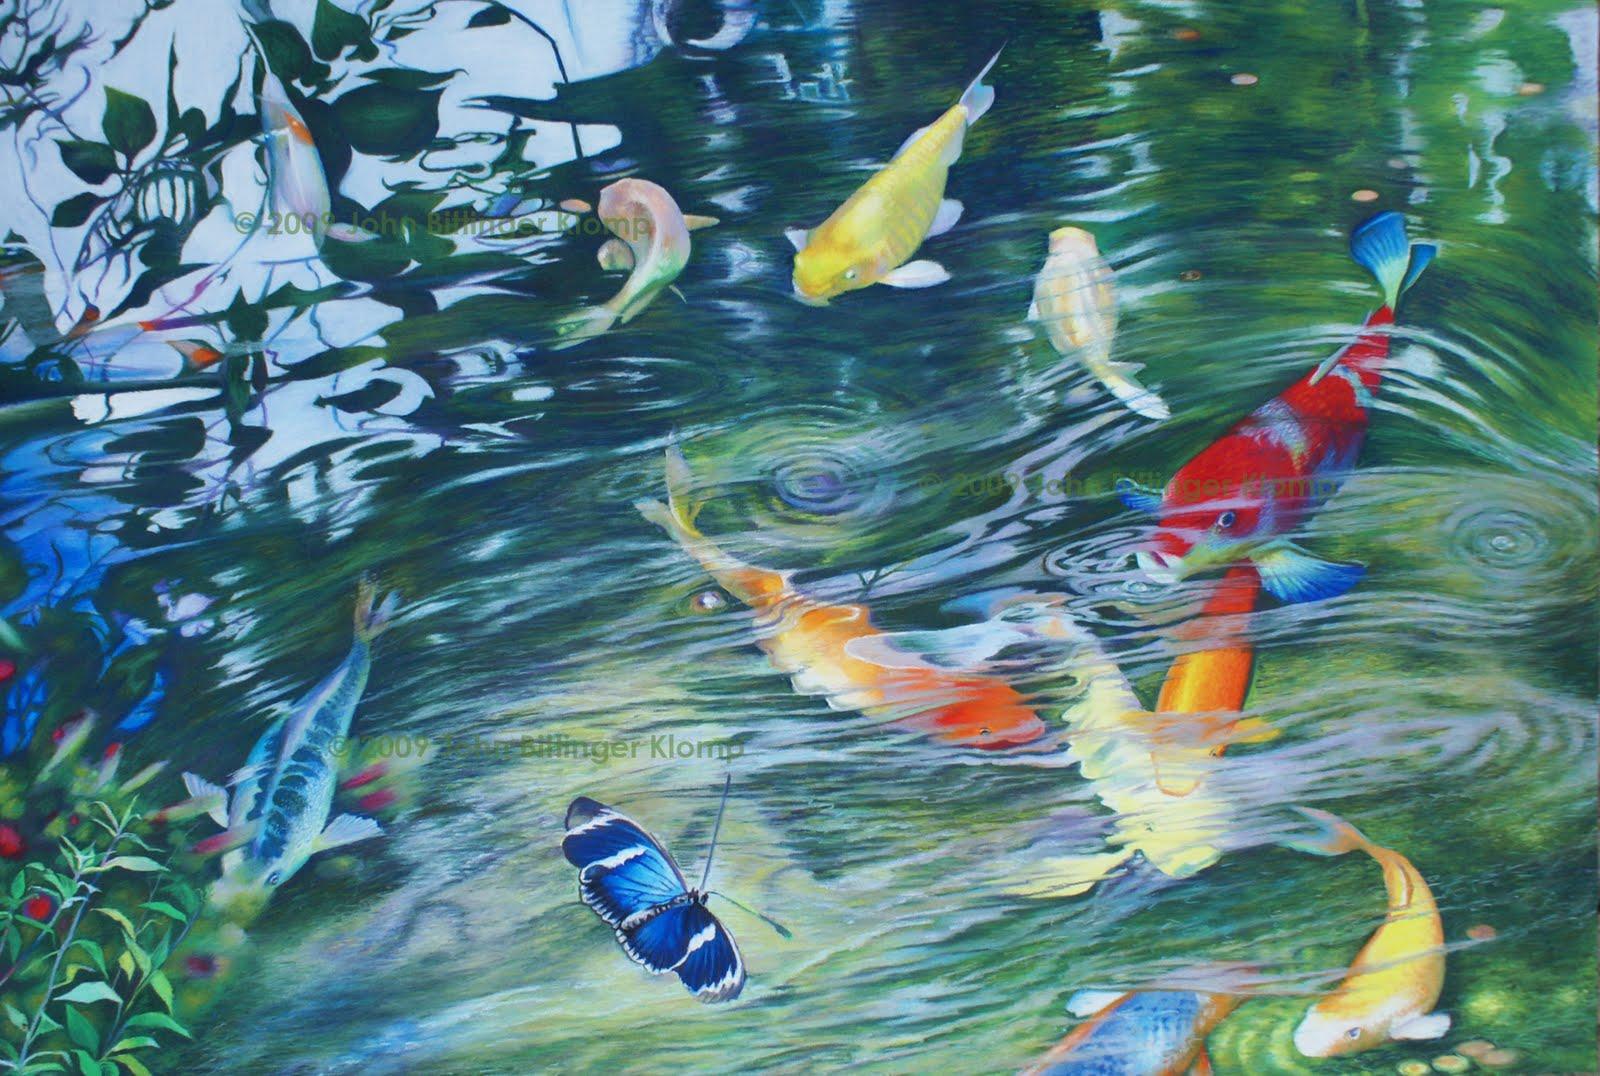 The art of john bittinger klomp koi pond 2 for Koi fish pond art